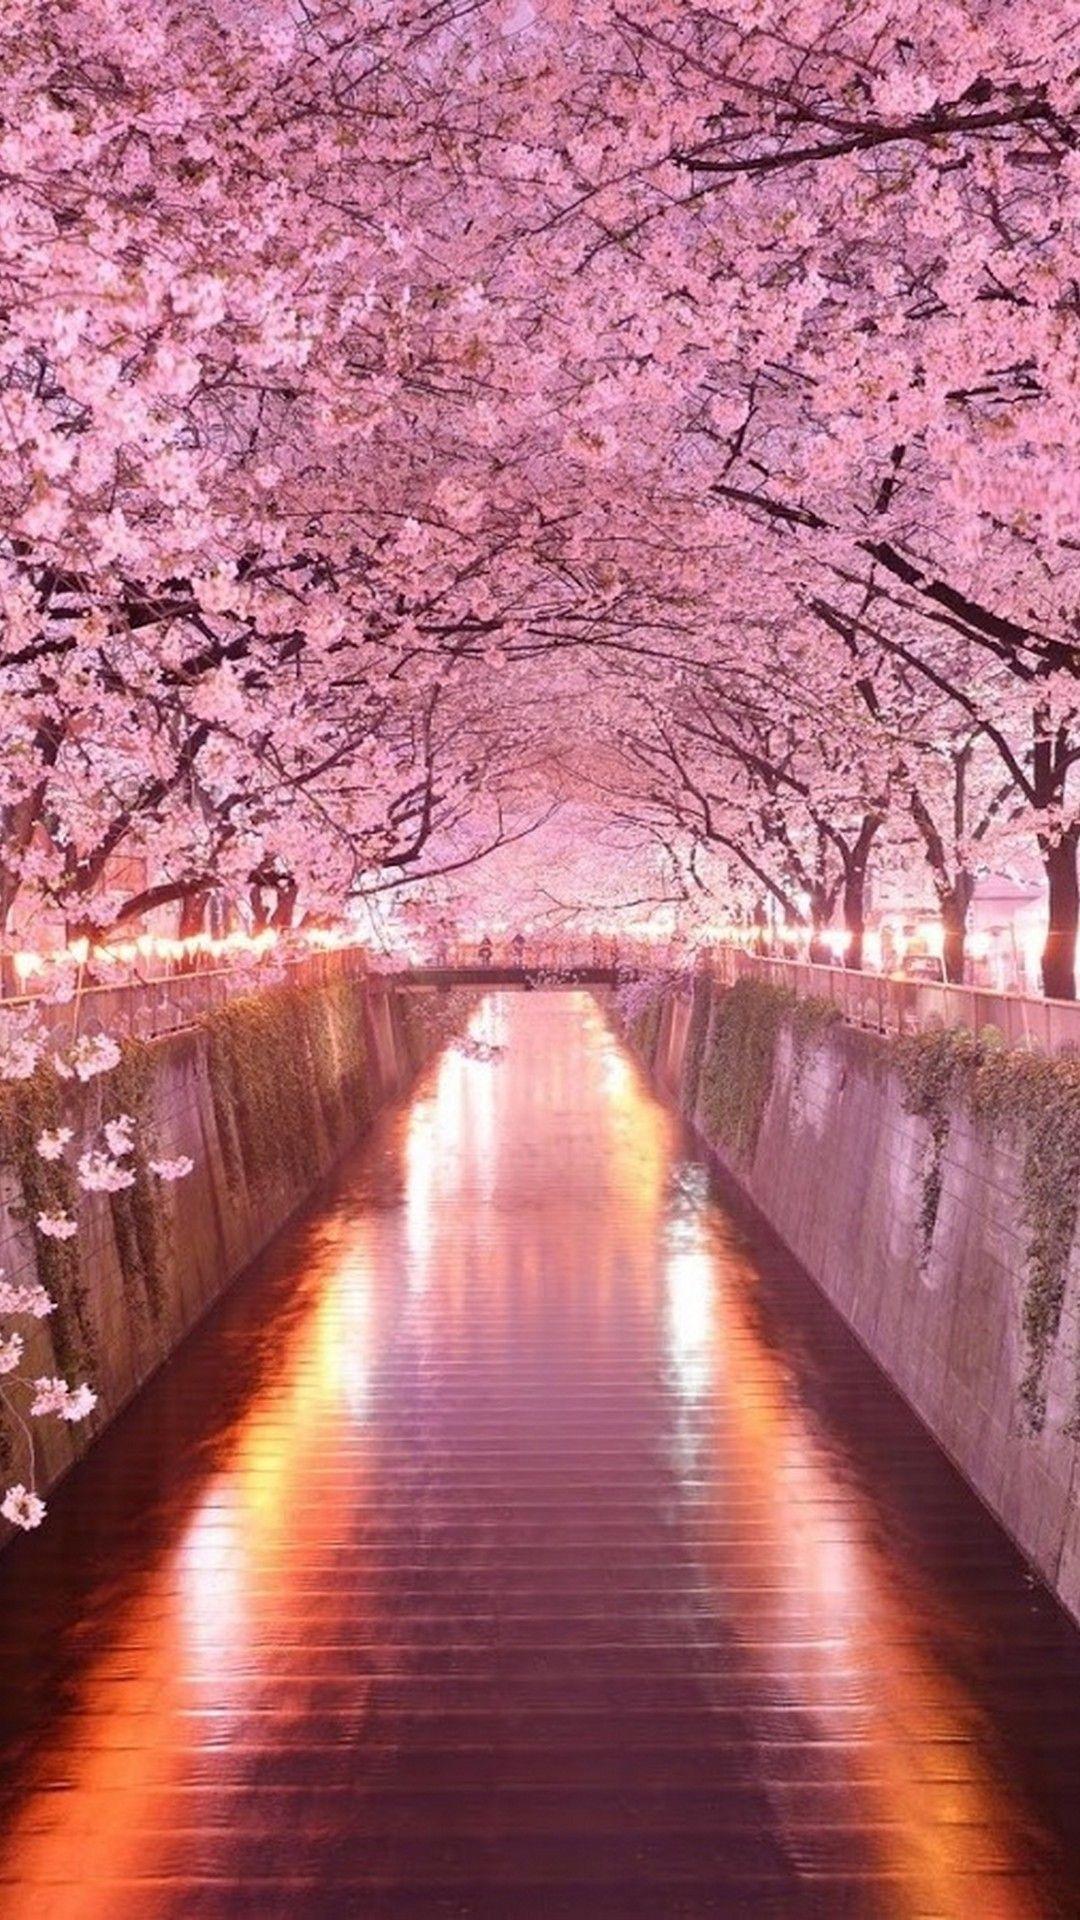 Cute Pink Phone Wallpapers In 2020 Flowers Photography Wallpaper Flower Iphone Wallpaper Photography Wallpaper